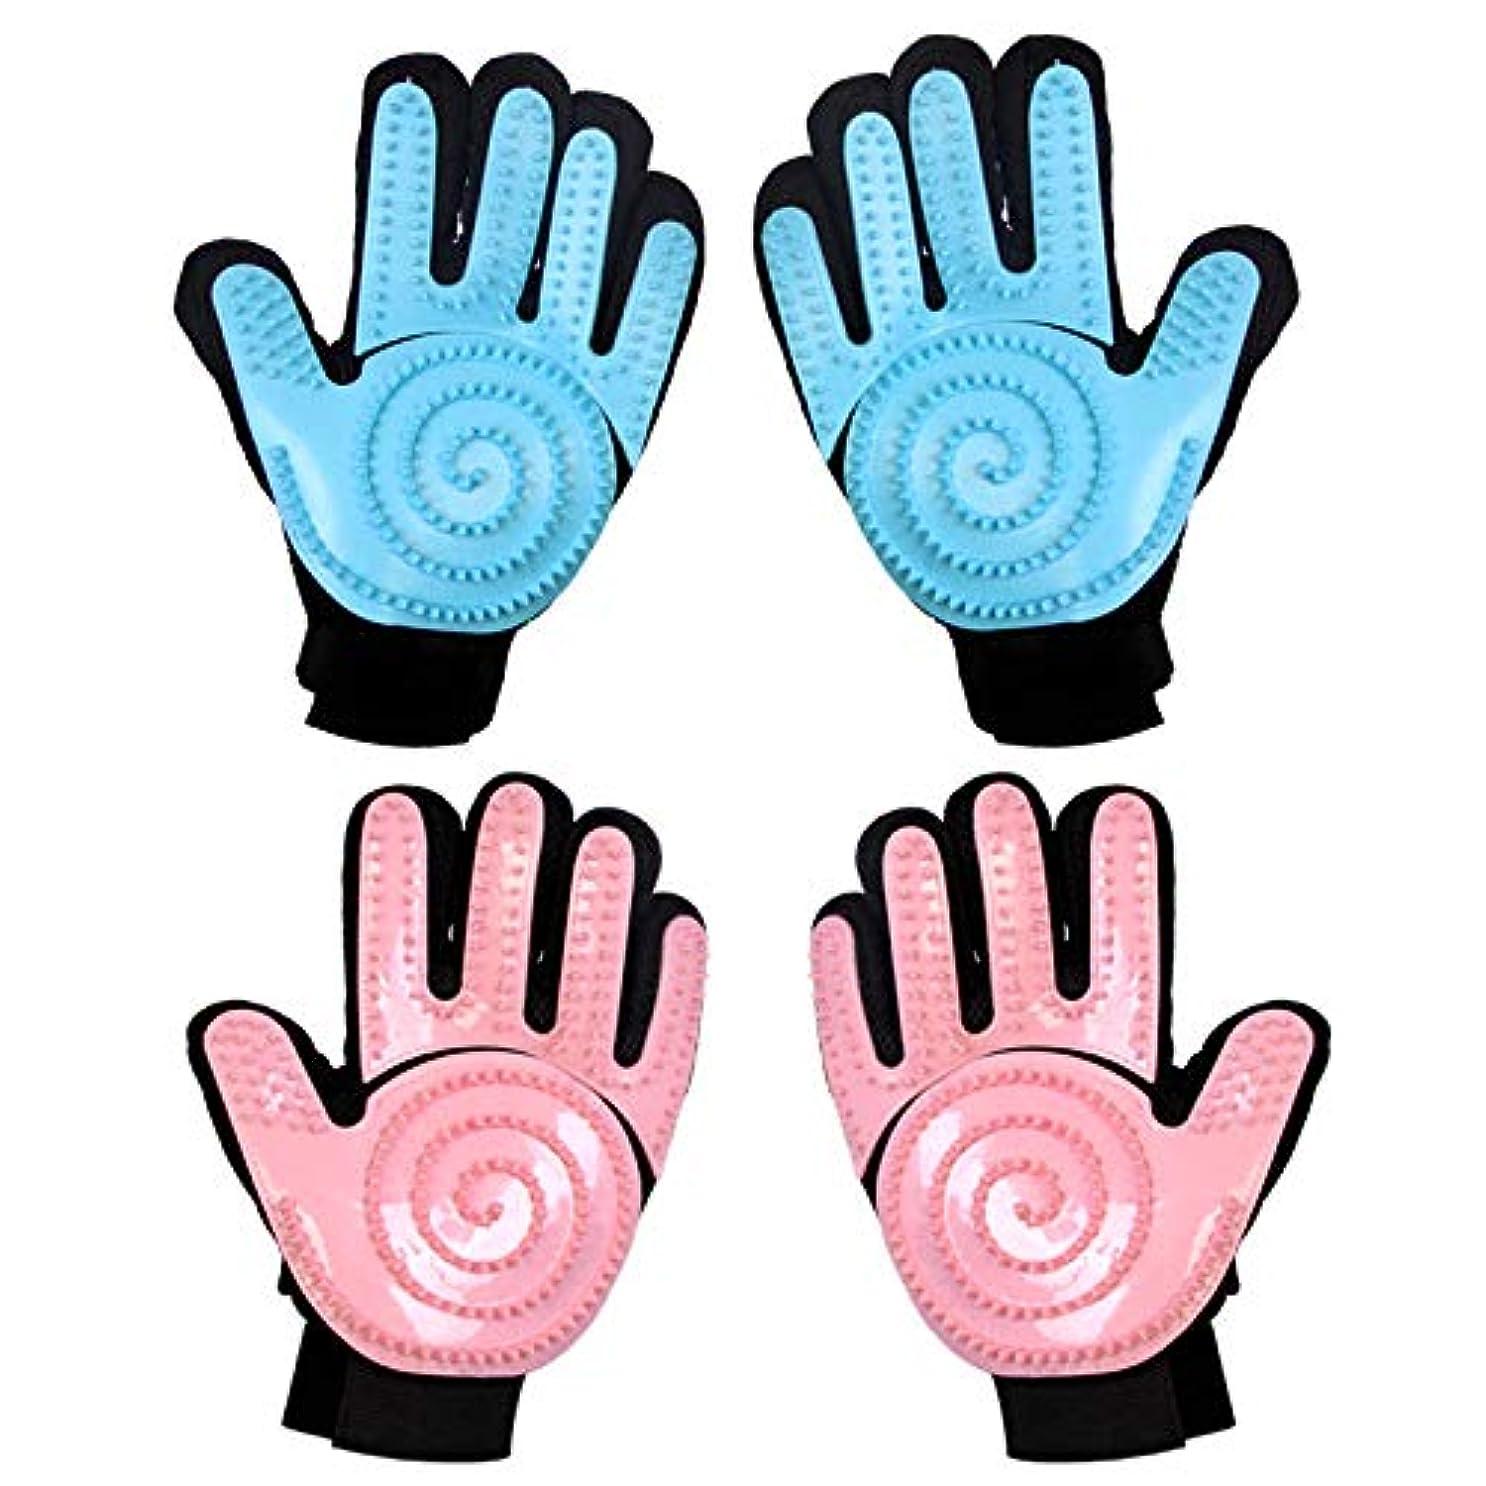 ホバーソーシャル罰BTXXYJP 手袋 ペット ブラシ グローブ 猫 ブラシ クリーナー 抜け毛取り マッサージブラシ 犬 グローブ ペット毛取りブラシ お手入れ (Color : Pink, Style : Right hand)